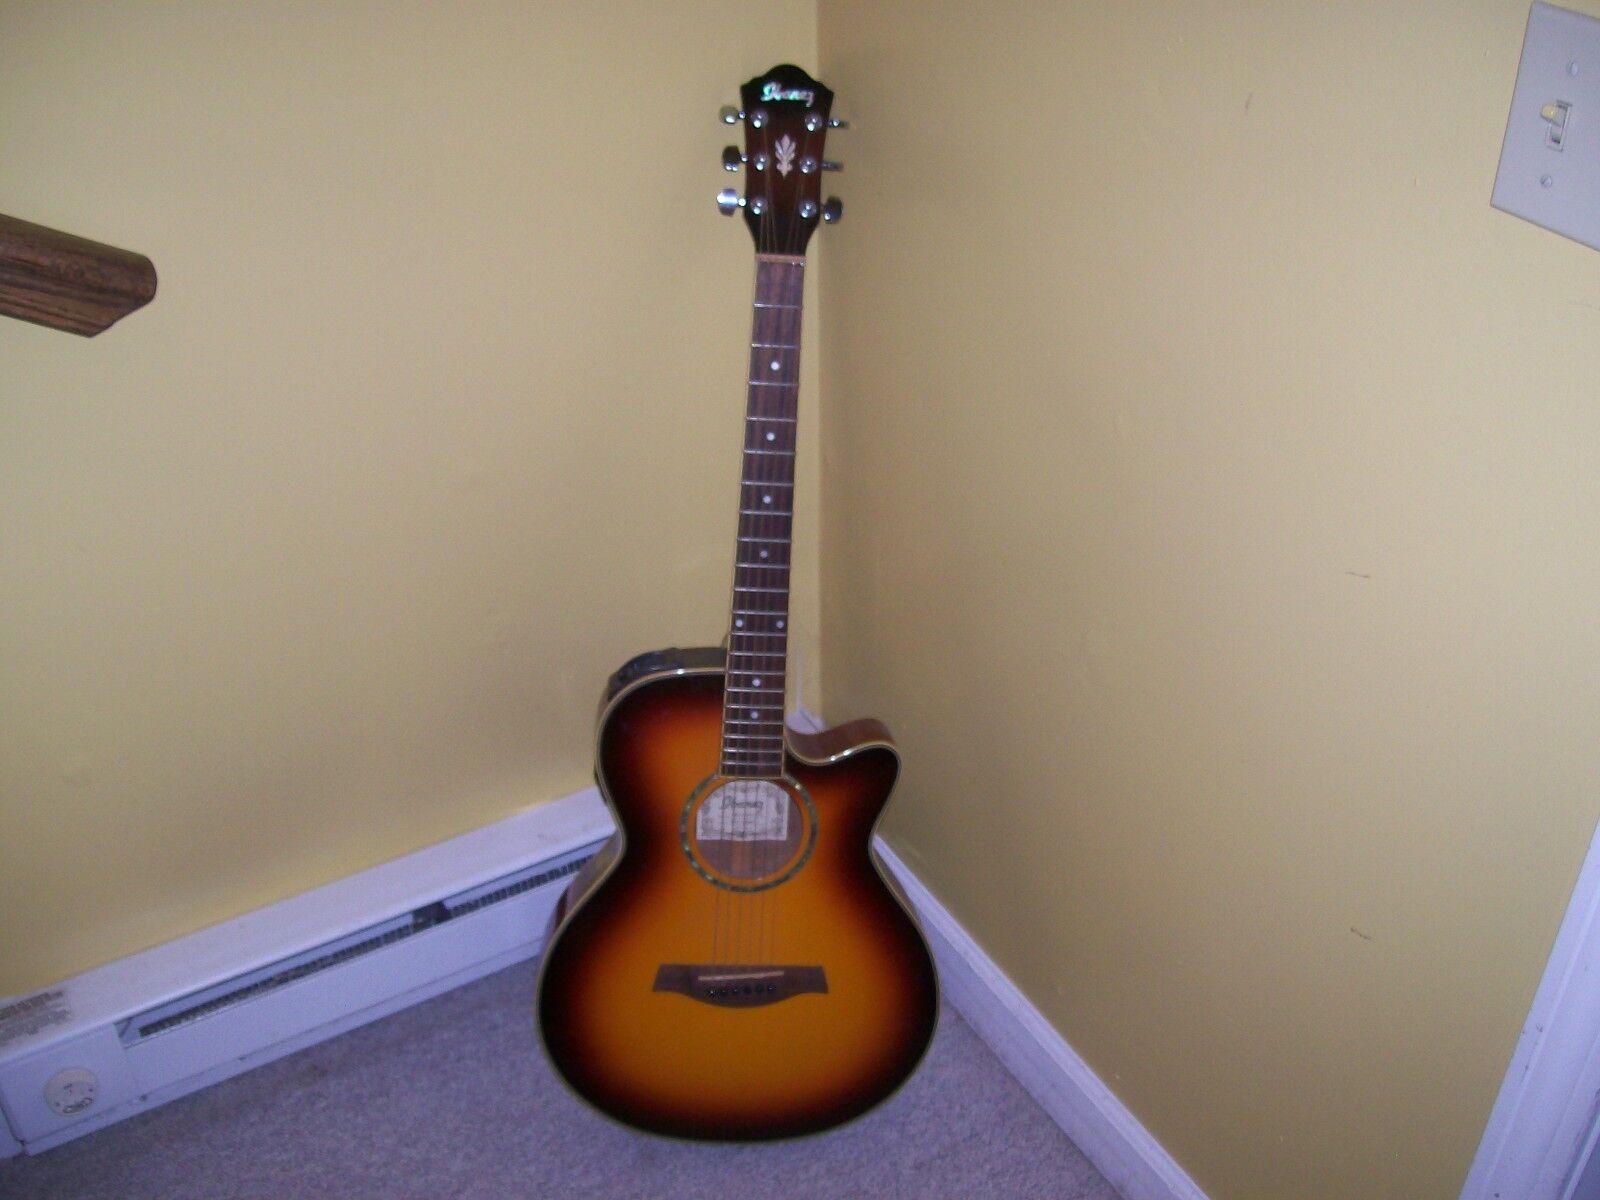 Ibanez A E G 10 -VS 14-03 guitar ser.K031100849